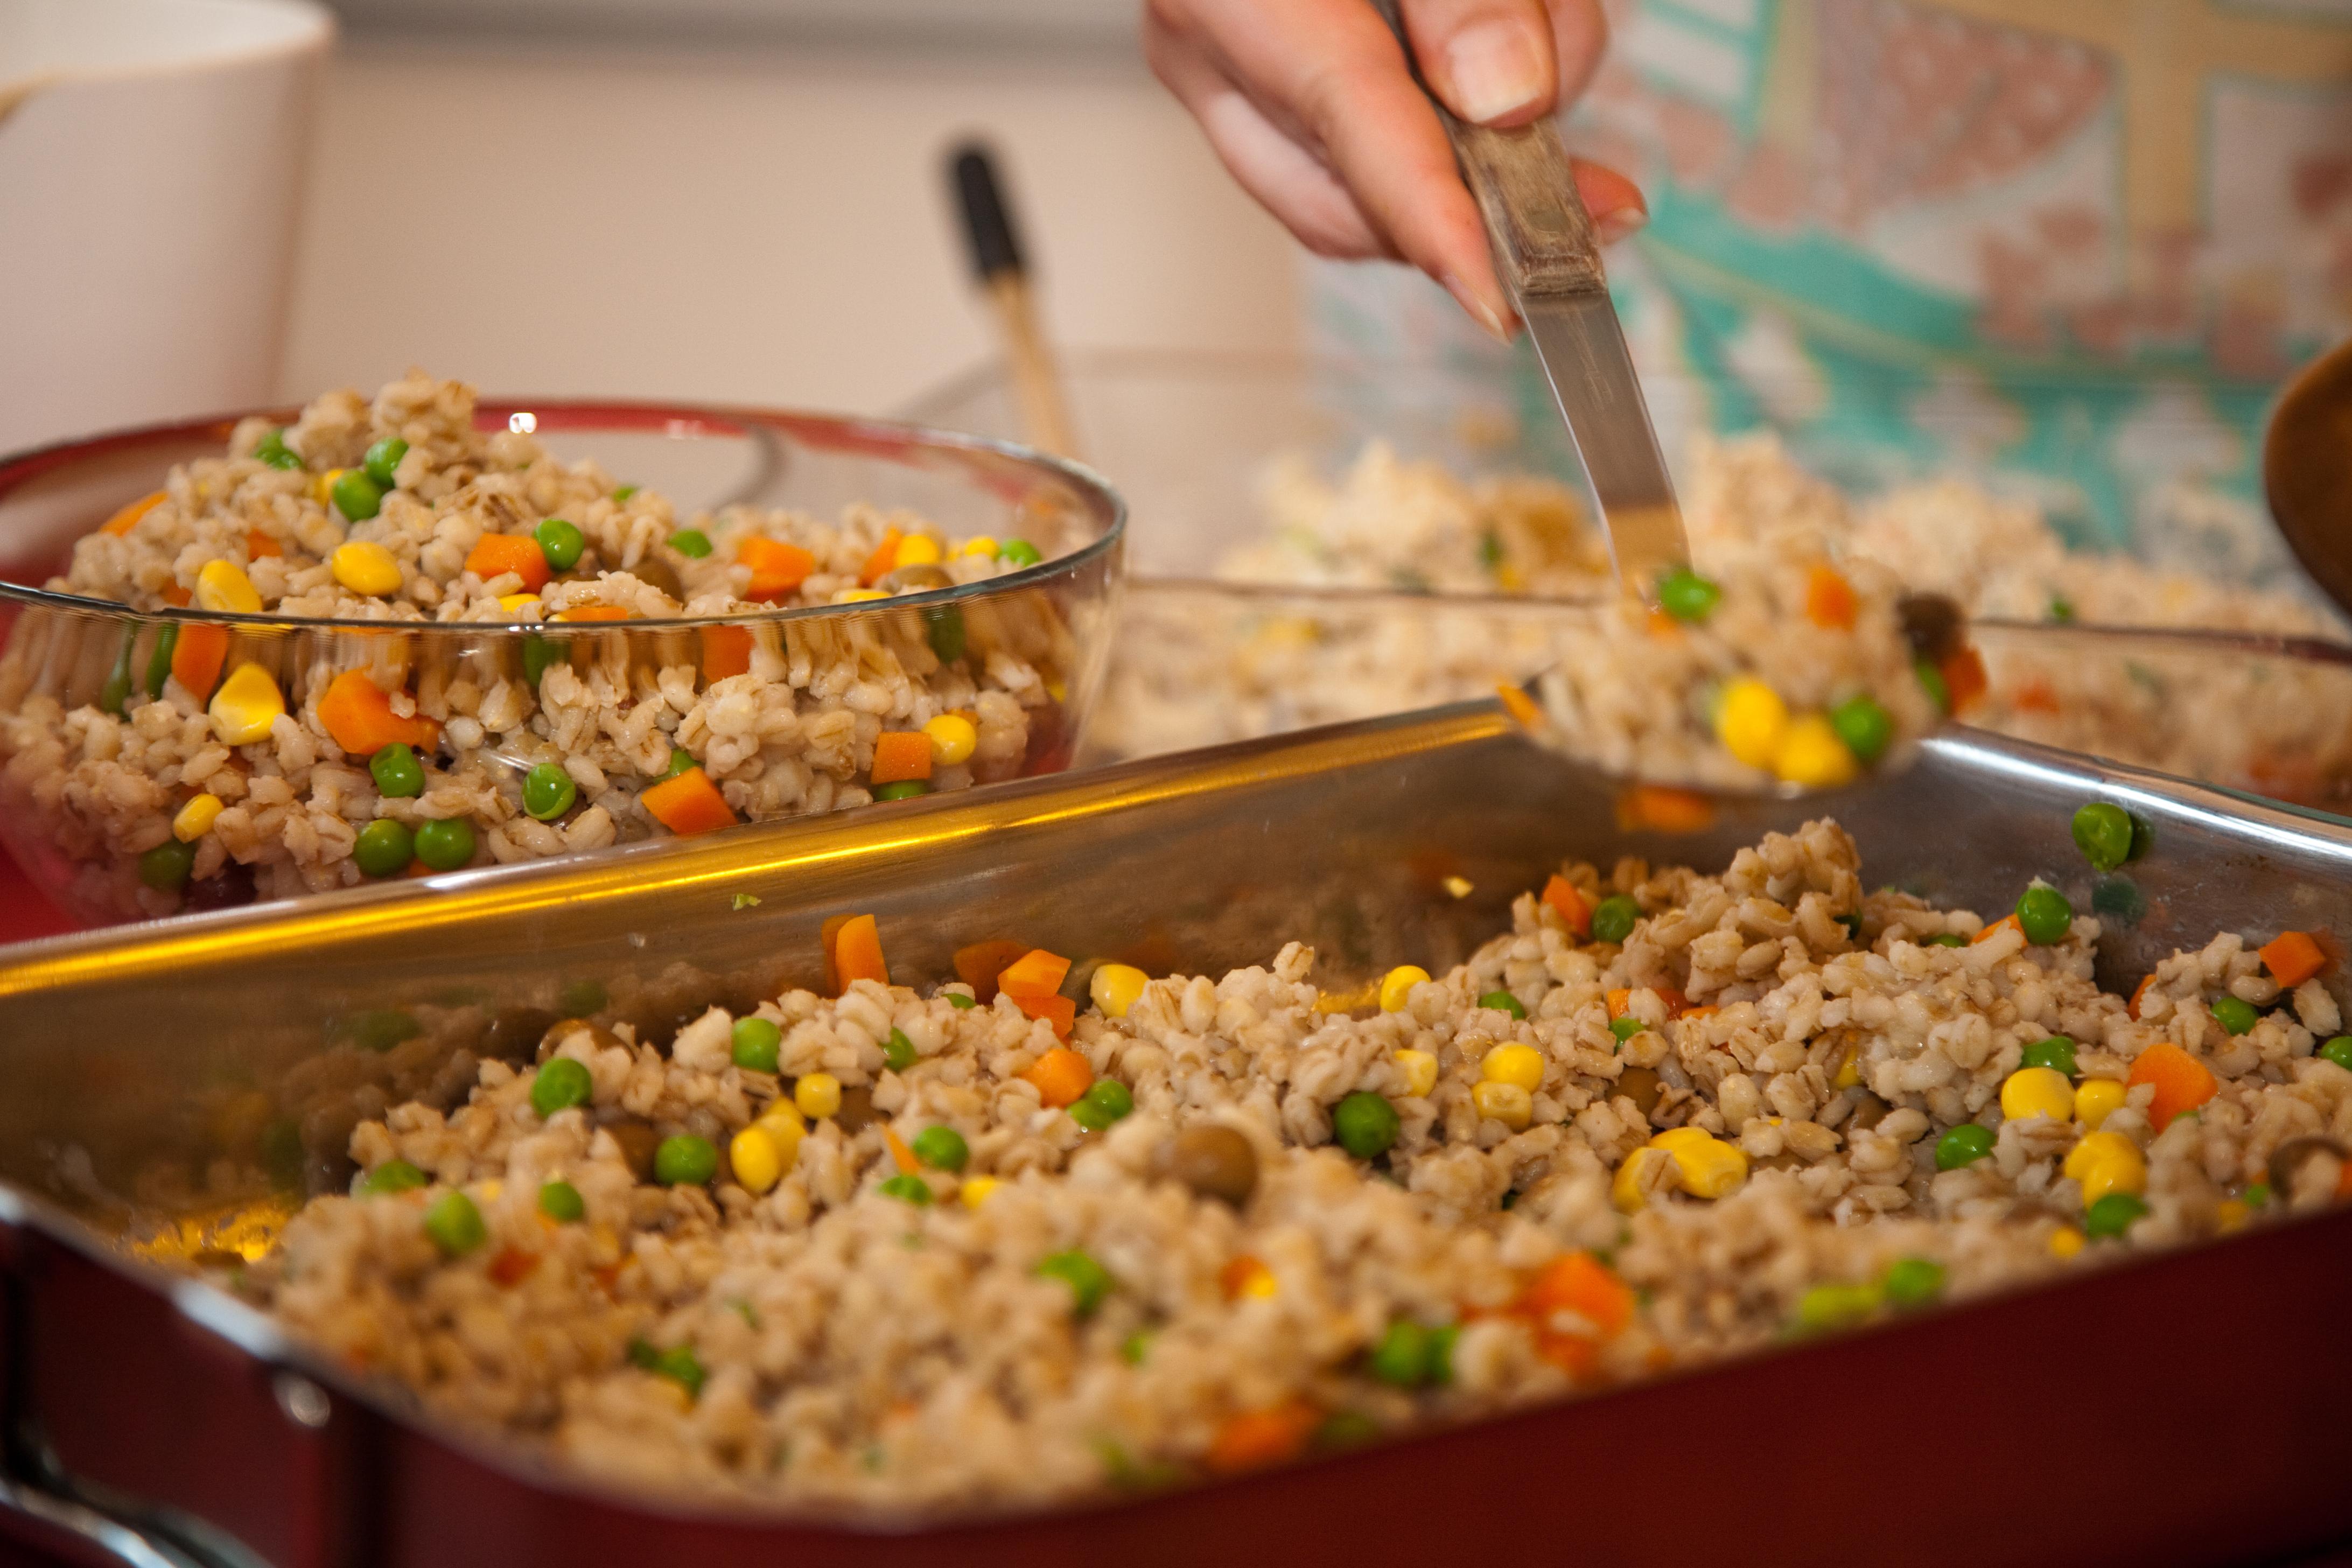 Bonito recetas de cocina macrobiotica im genes comida for Cocina macrobiotica